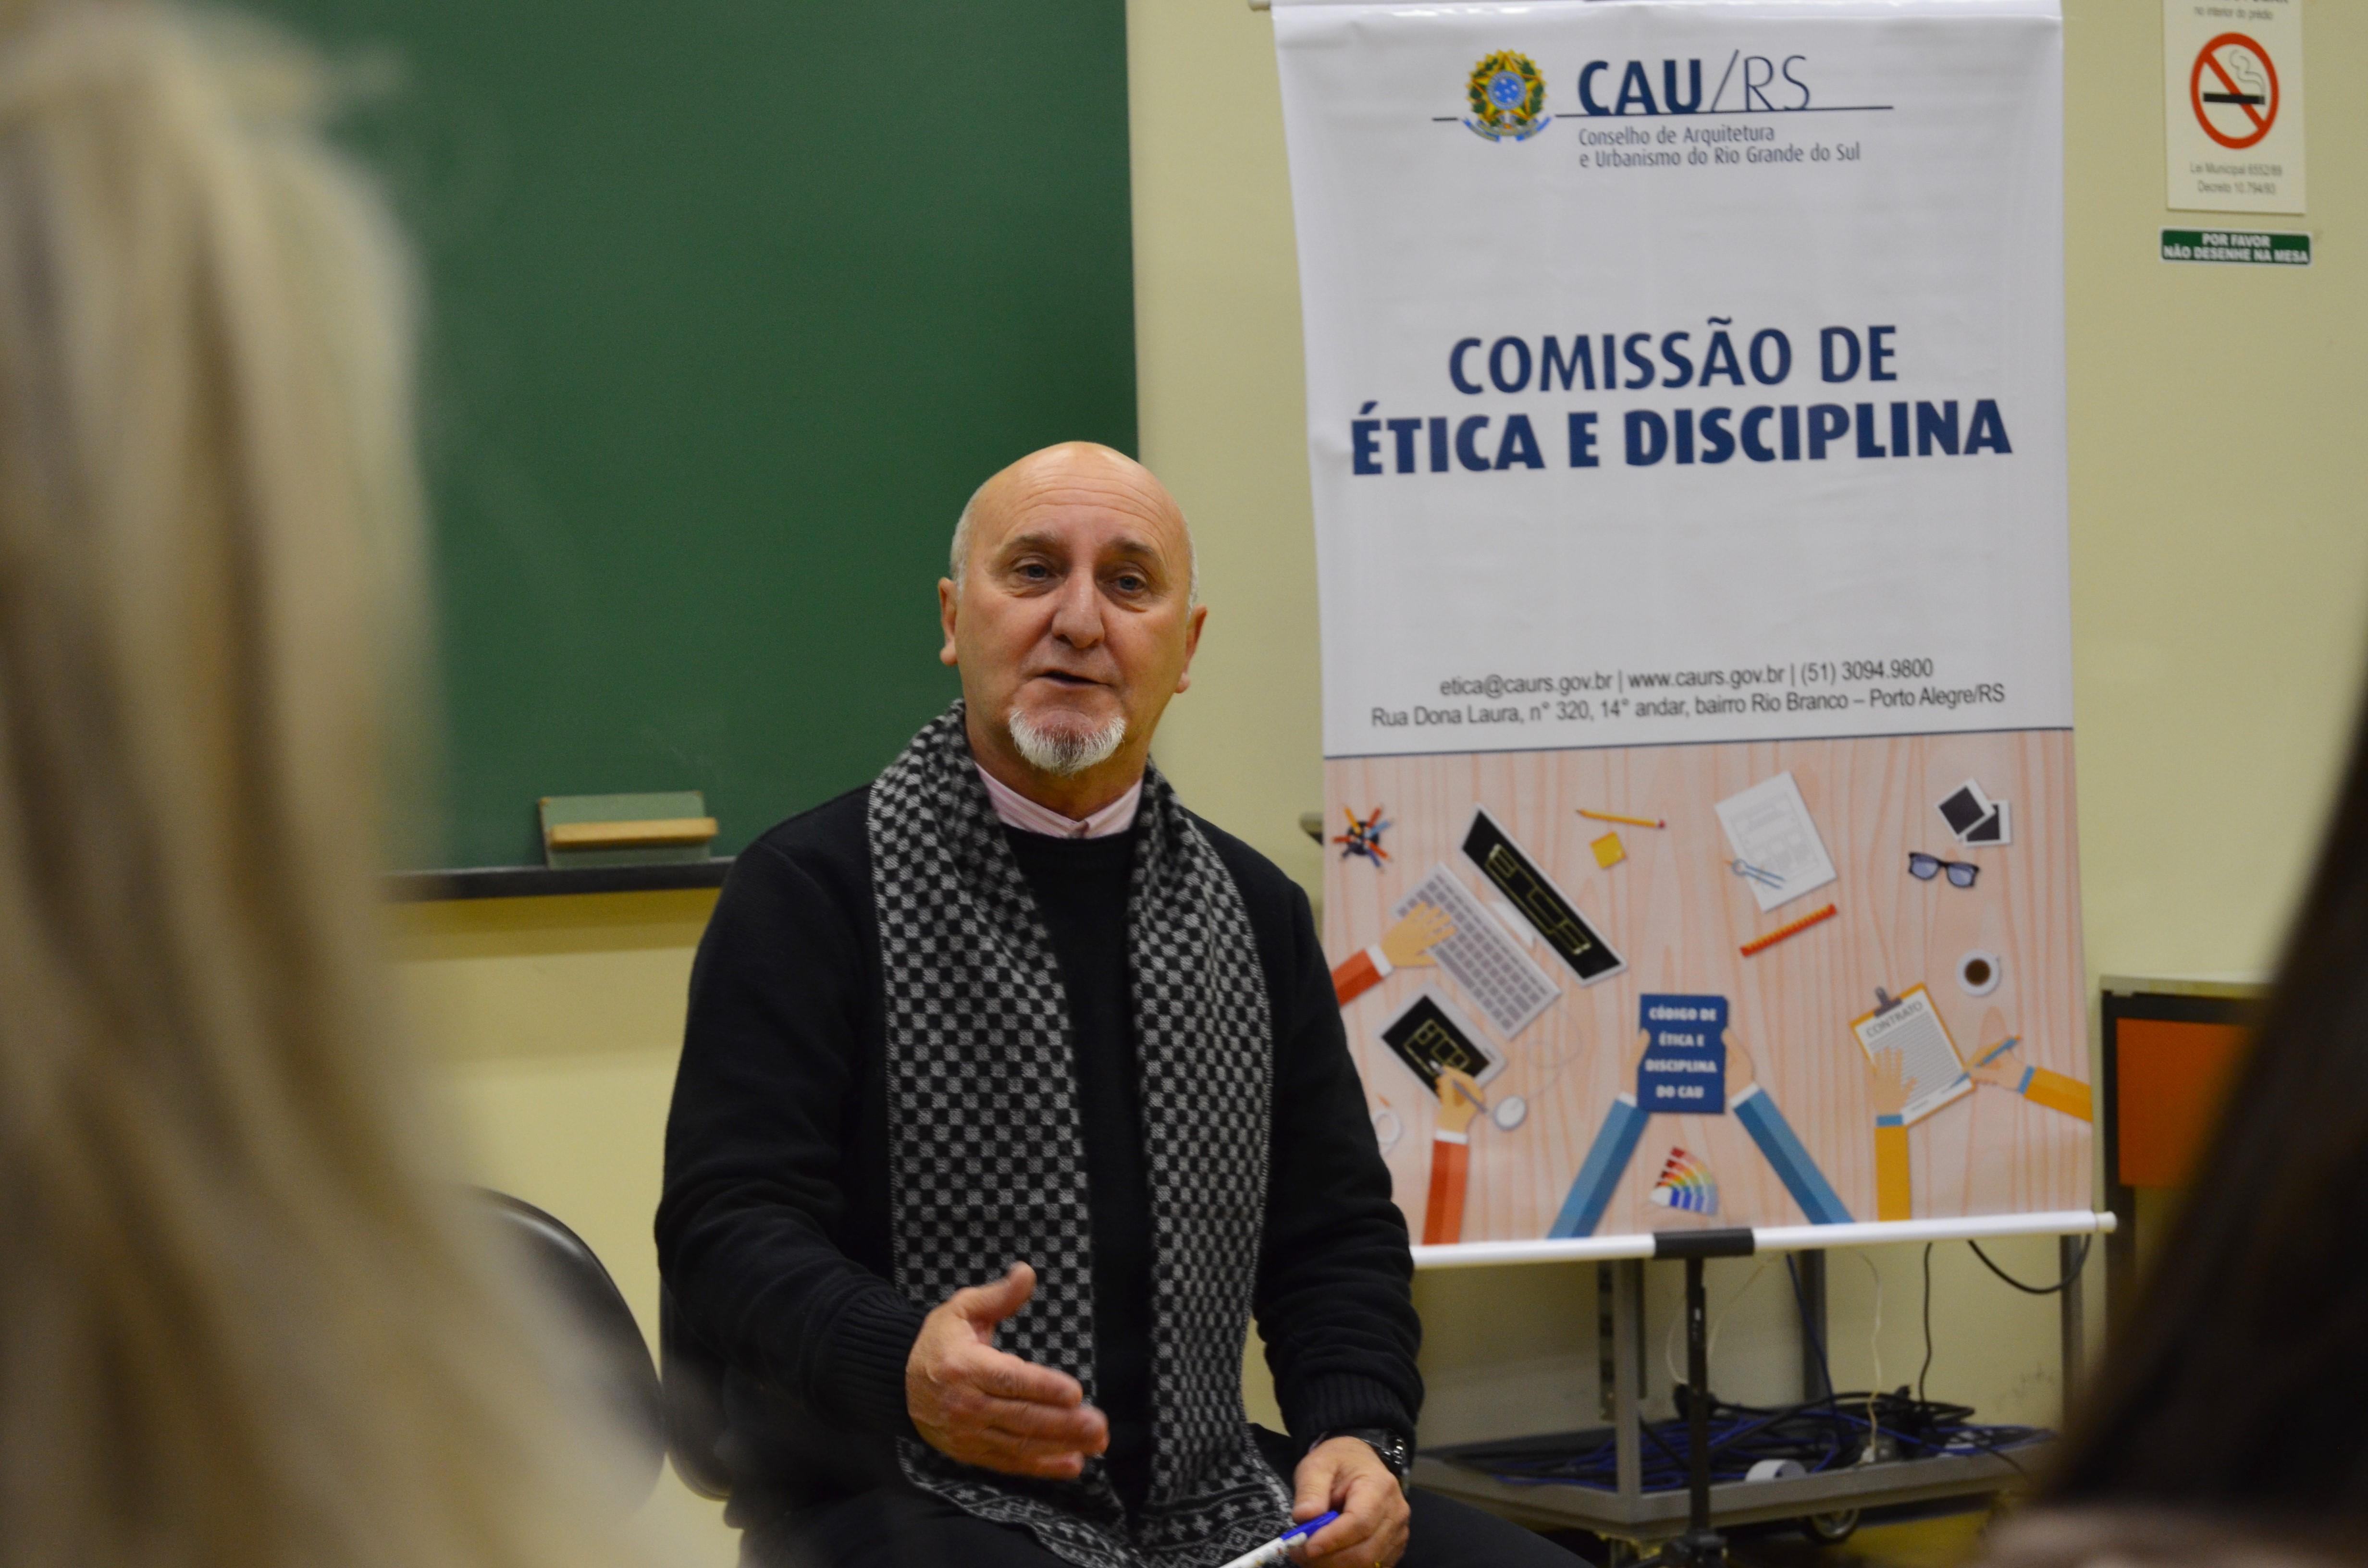 Conselheiro Rui Mineiro da Comissão de Ética e Disciplina do CAU/RS.